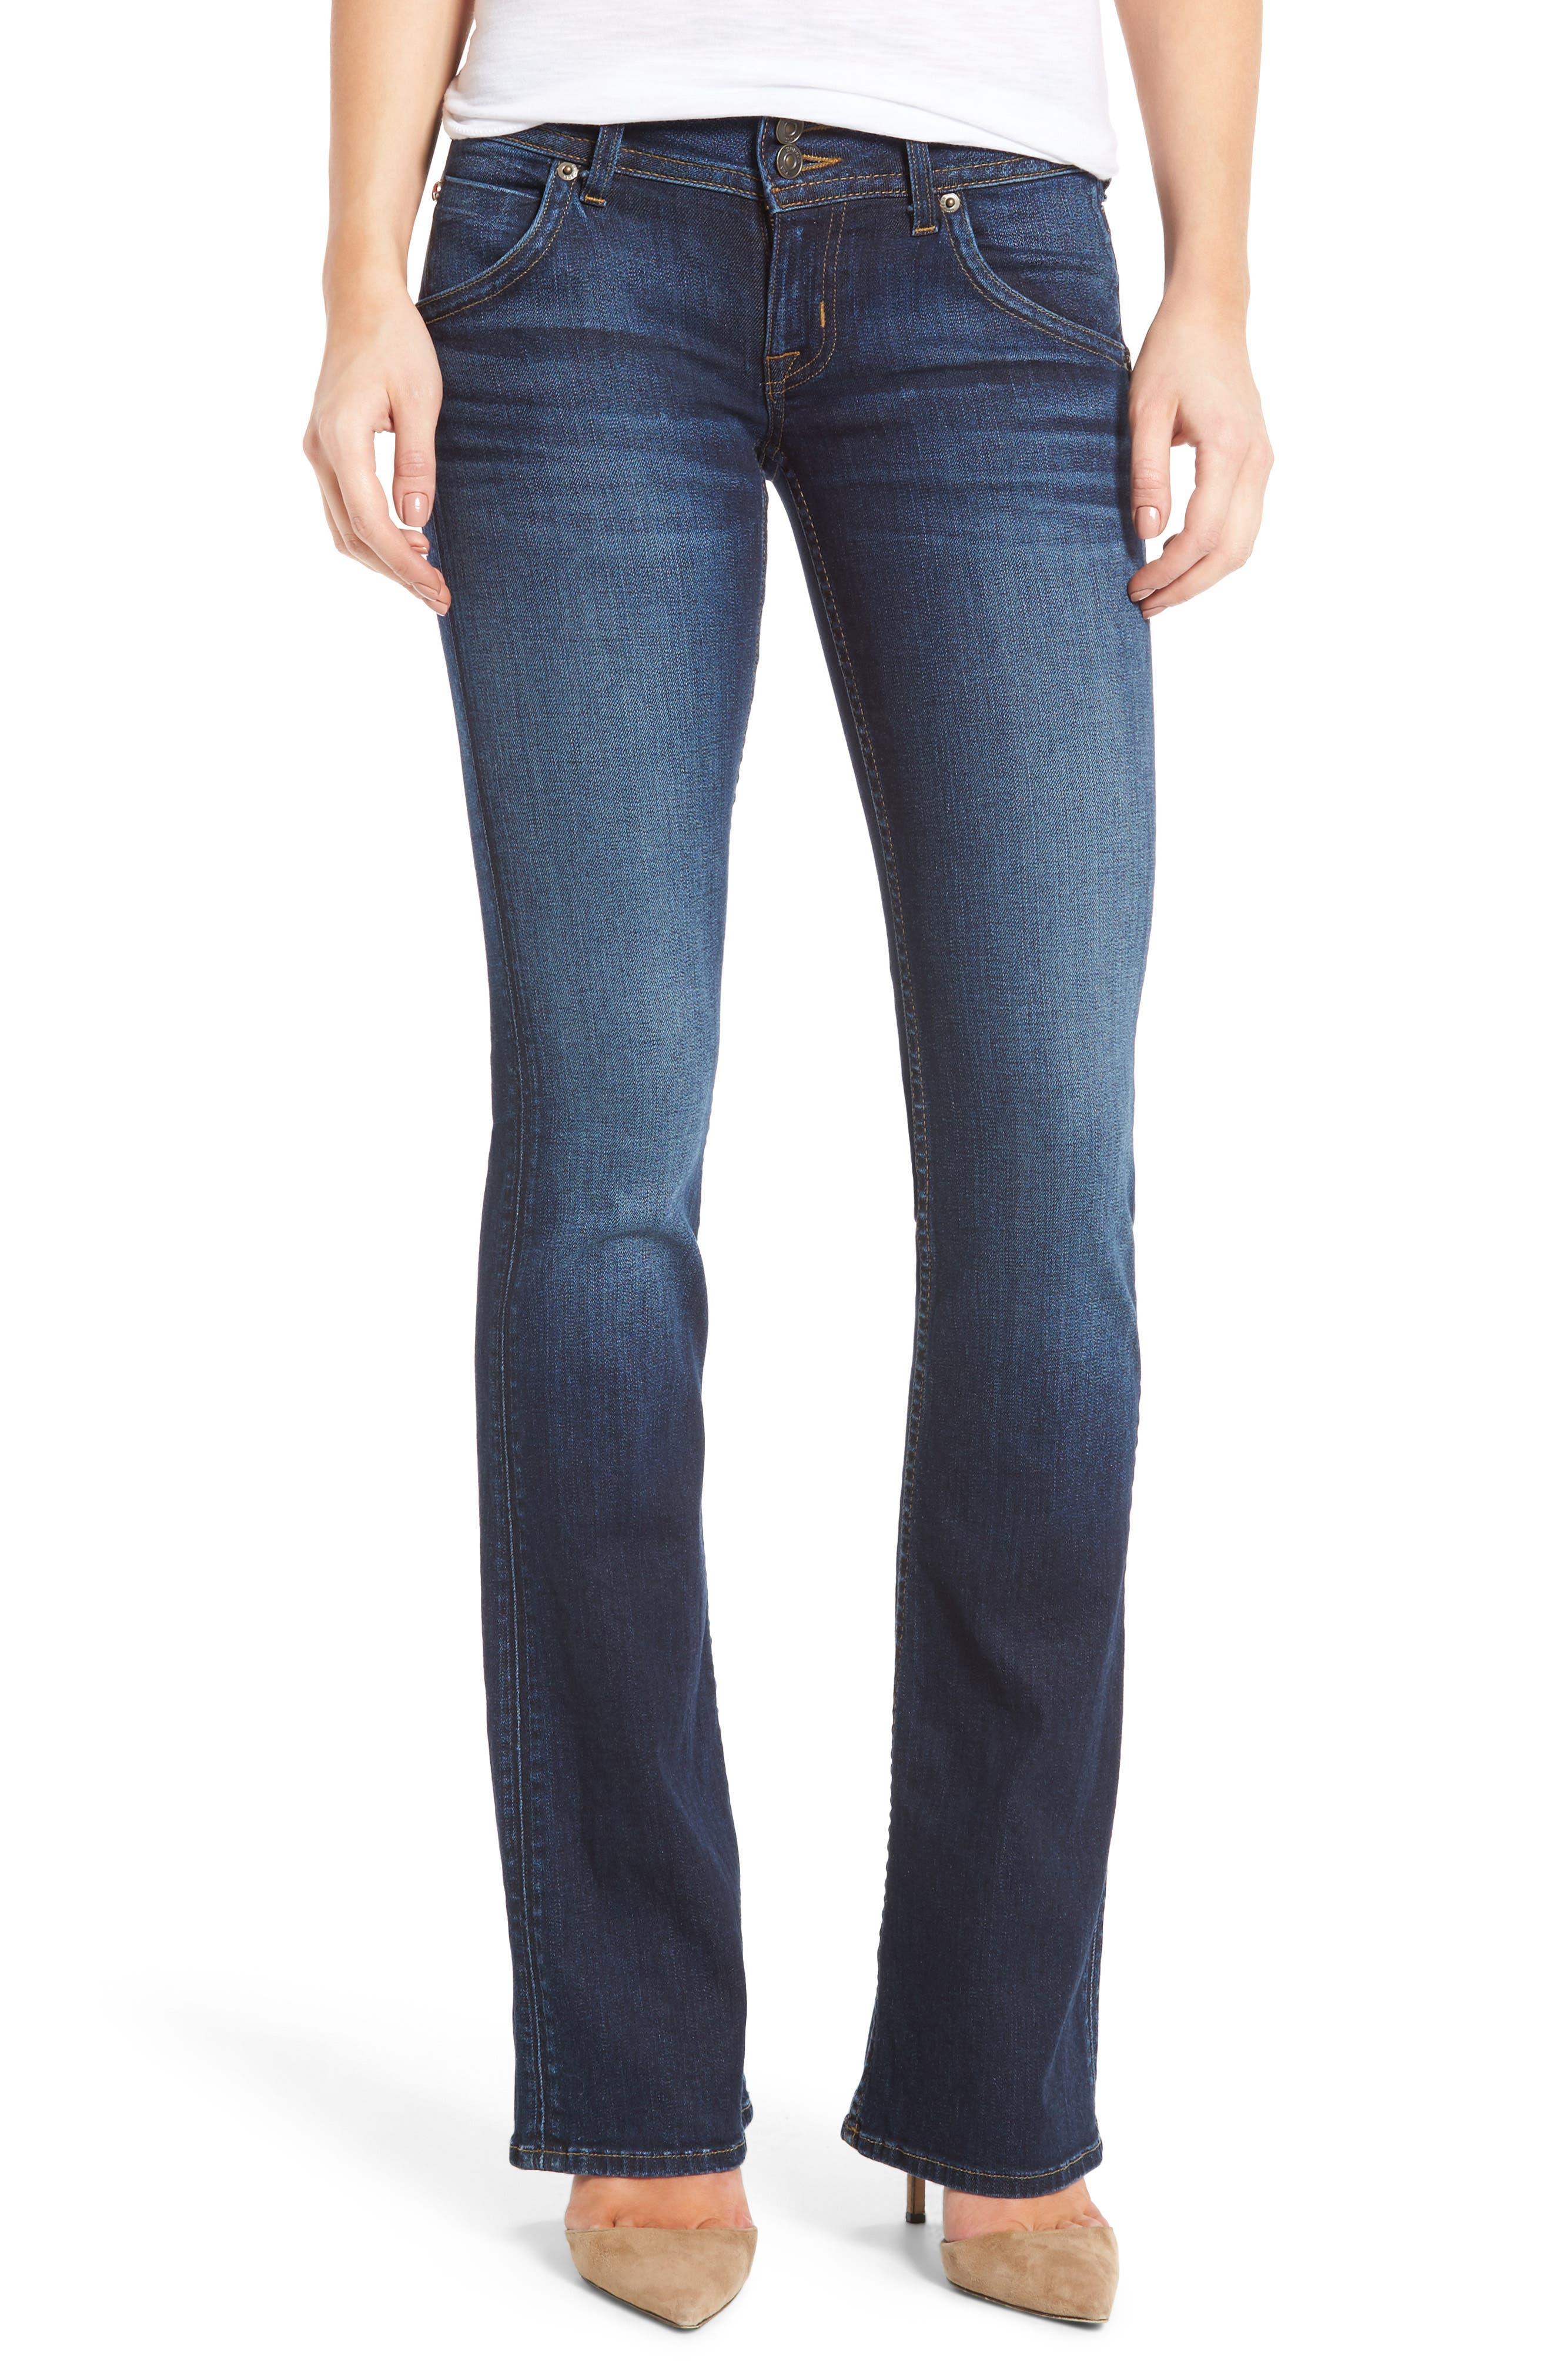 Signature Petite Bootcut Jeans,                         Main,                         color, PATROL UNIT